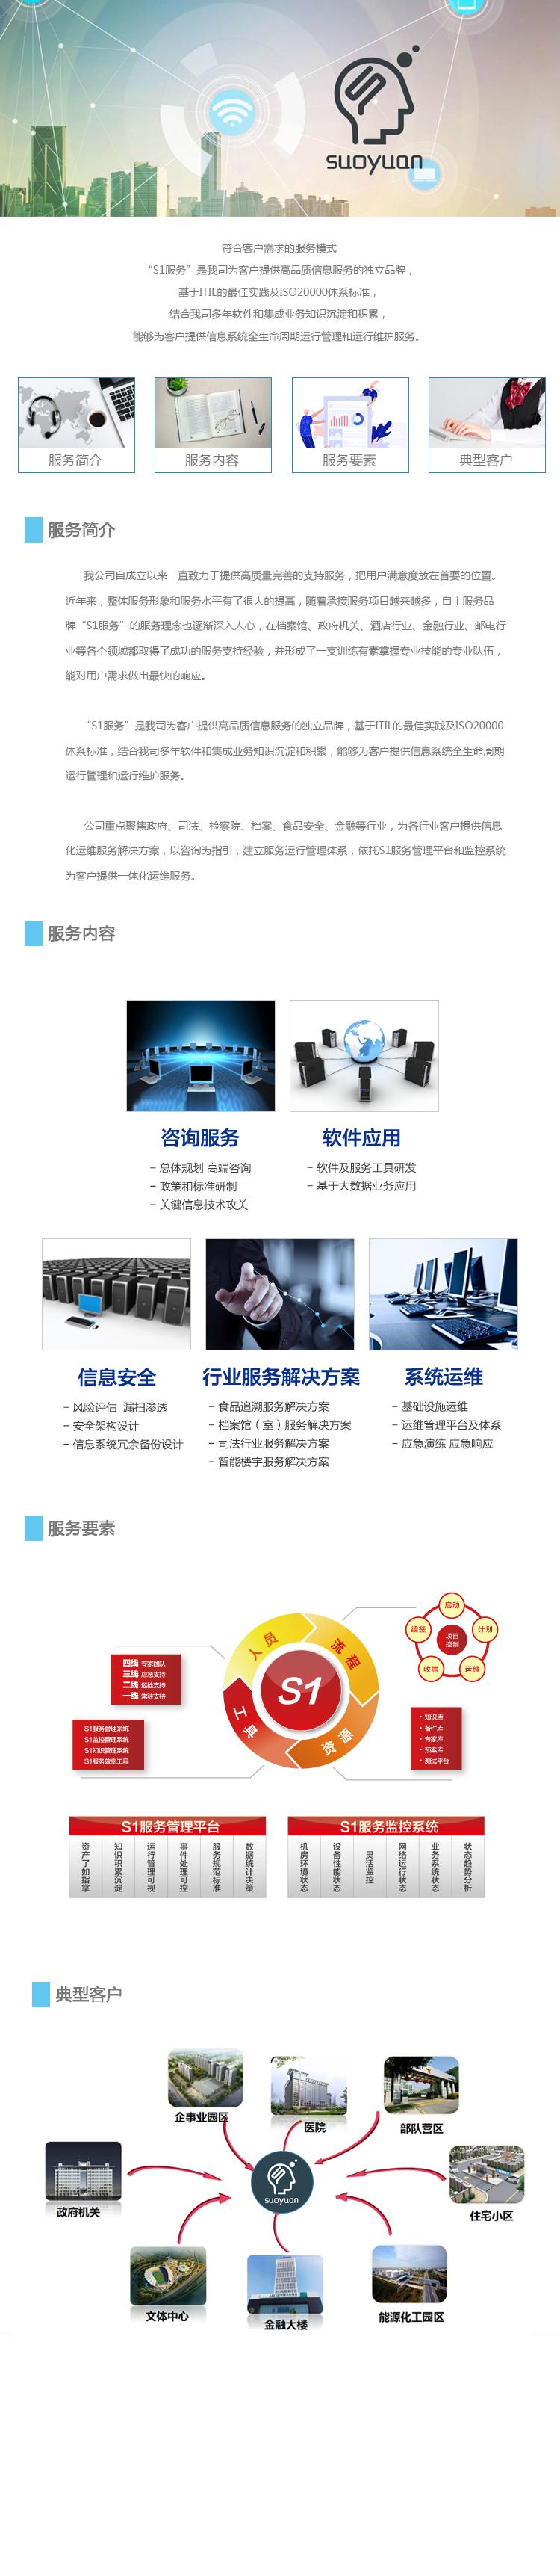 索源技术服务.jpg